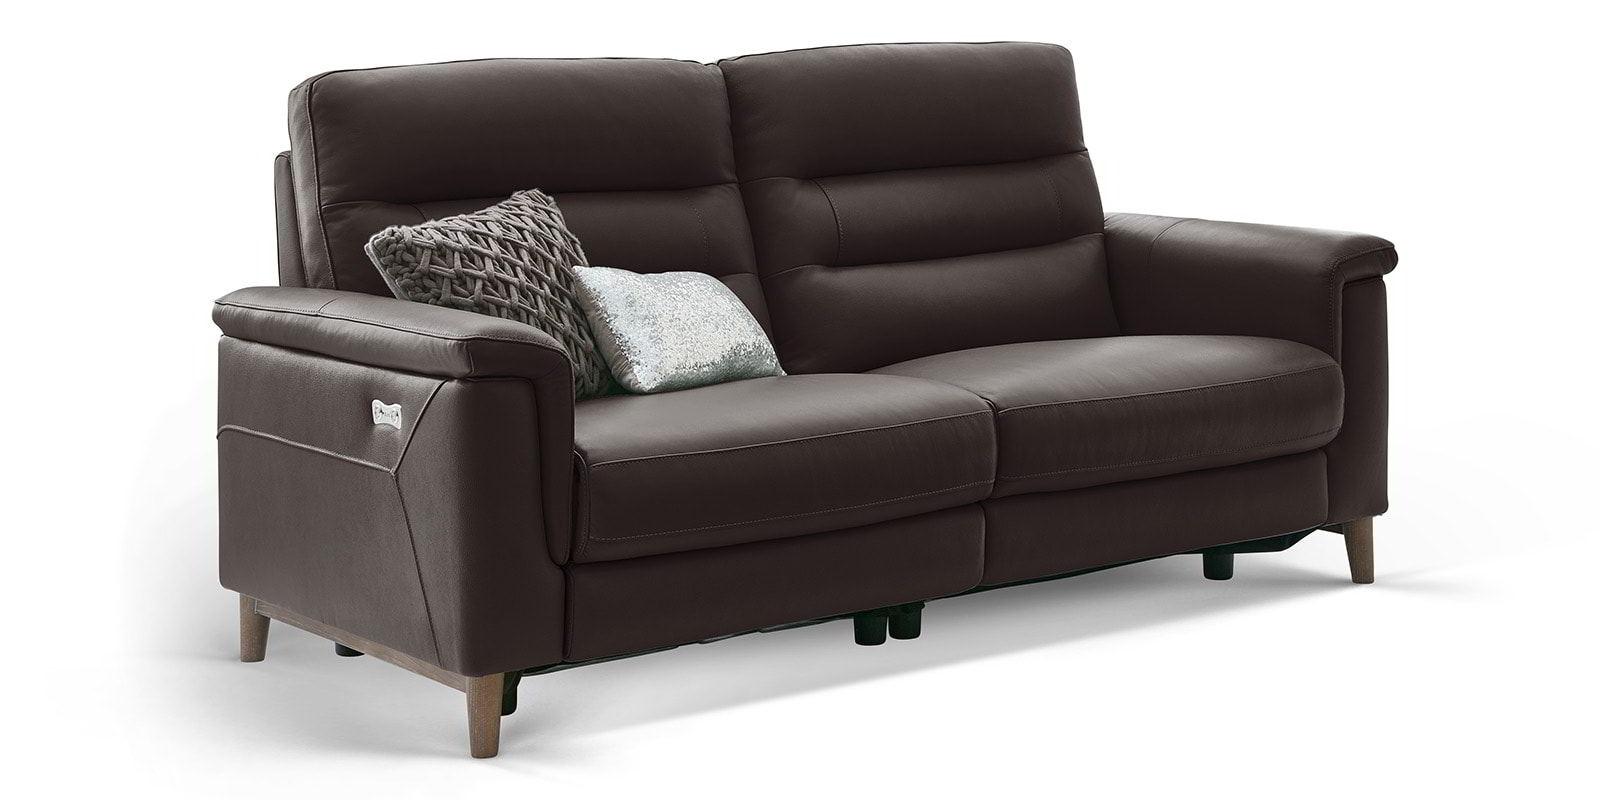 Full Size of Sofa Elektrisch Mit Elektrischer Relaxfunktion Aufgeladen Sitztiefenverstellung Statisch Geladen Sitzvorzug Ist Microfaser Ausfahrbar Leder Mein Durch Couch Sofa Sofa Elektrisch